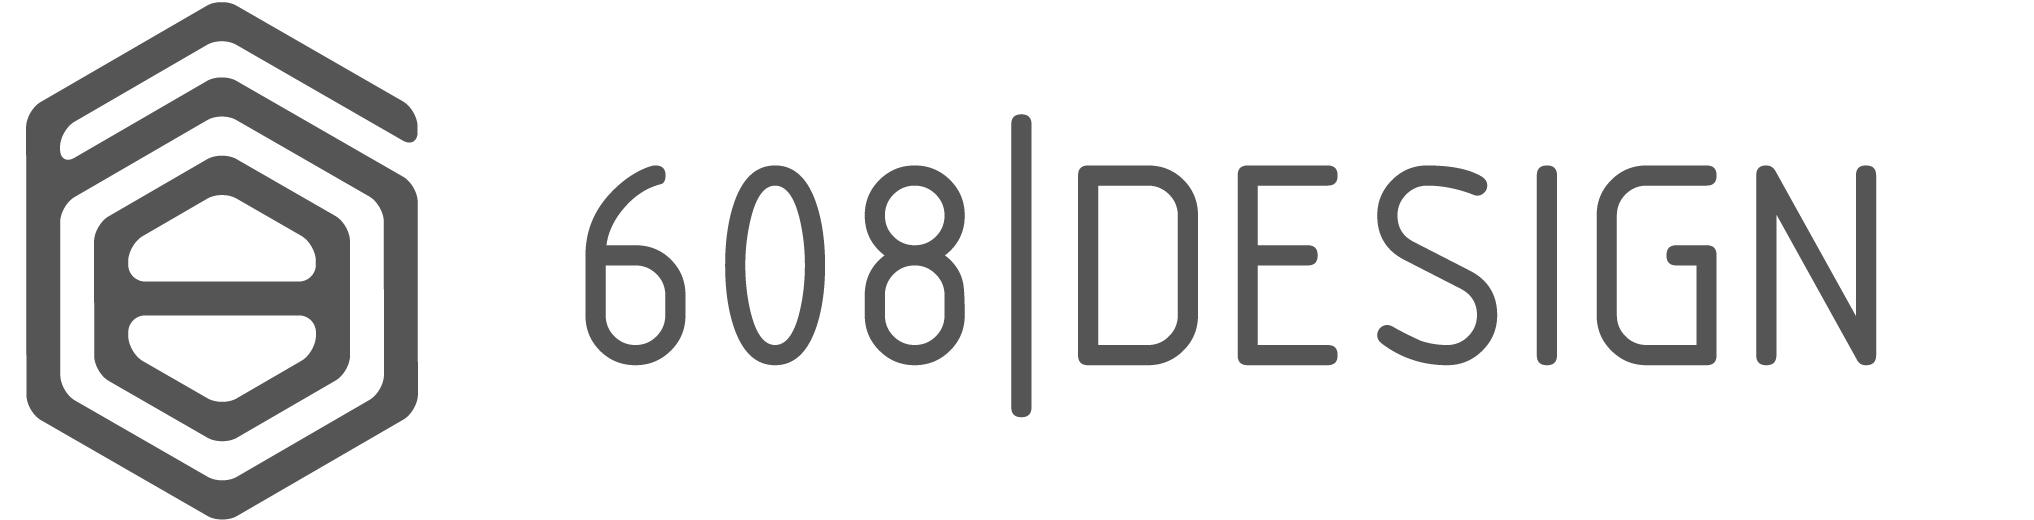 608 Design